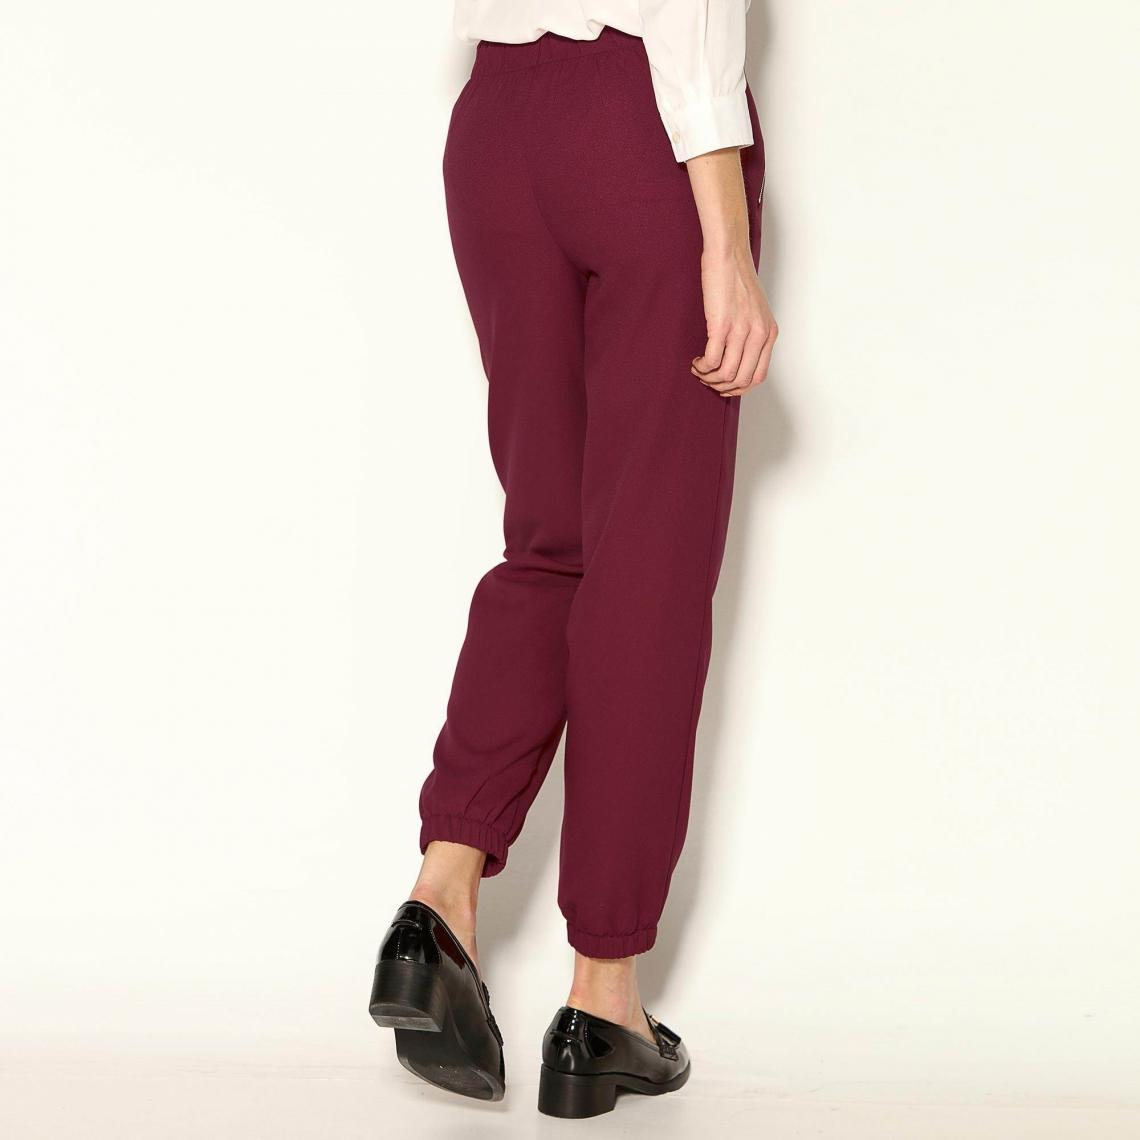 d2c3d49d6bb9 Pantalon taille et bas élastiqués froncés femme - Rouge Grenat 3 SUISSES